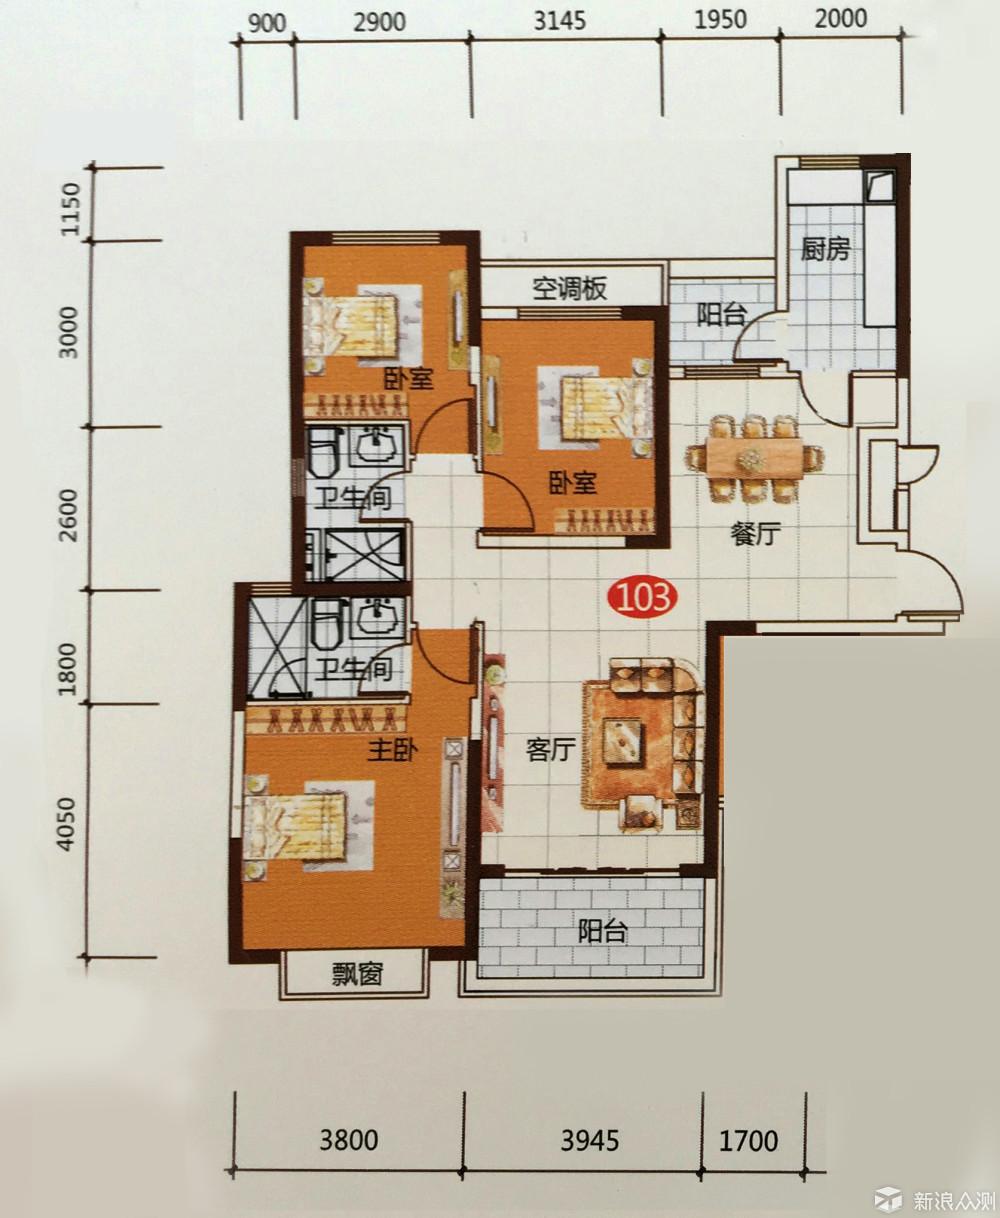 低门槛、零投入、短时间打造自己想要的家装效果_新浪众测